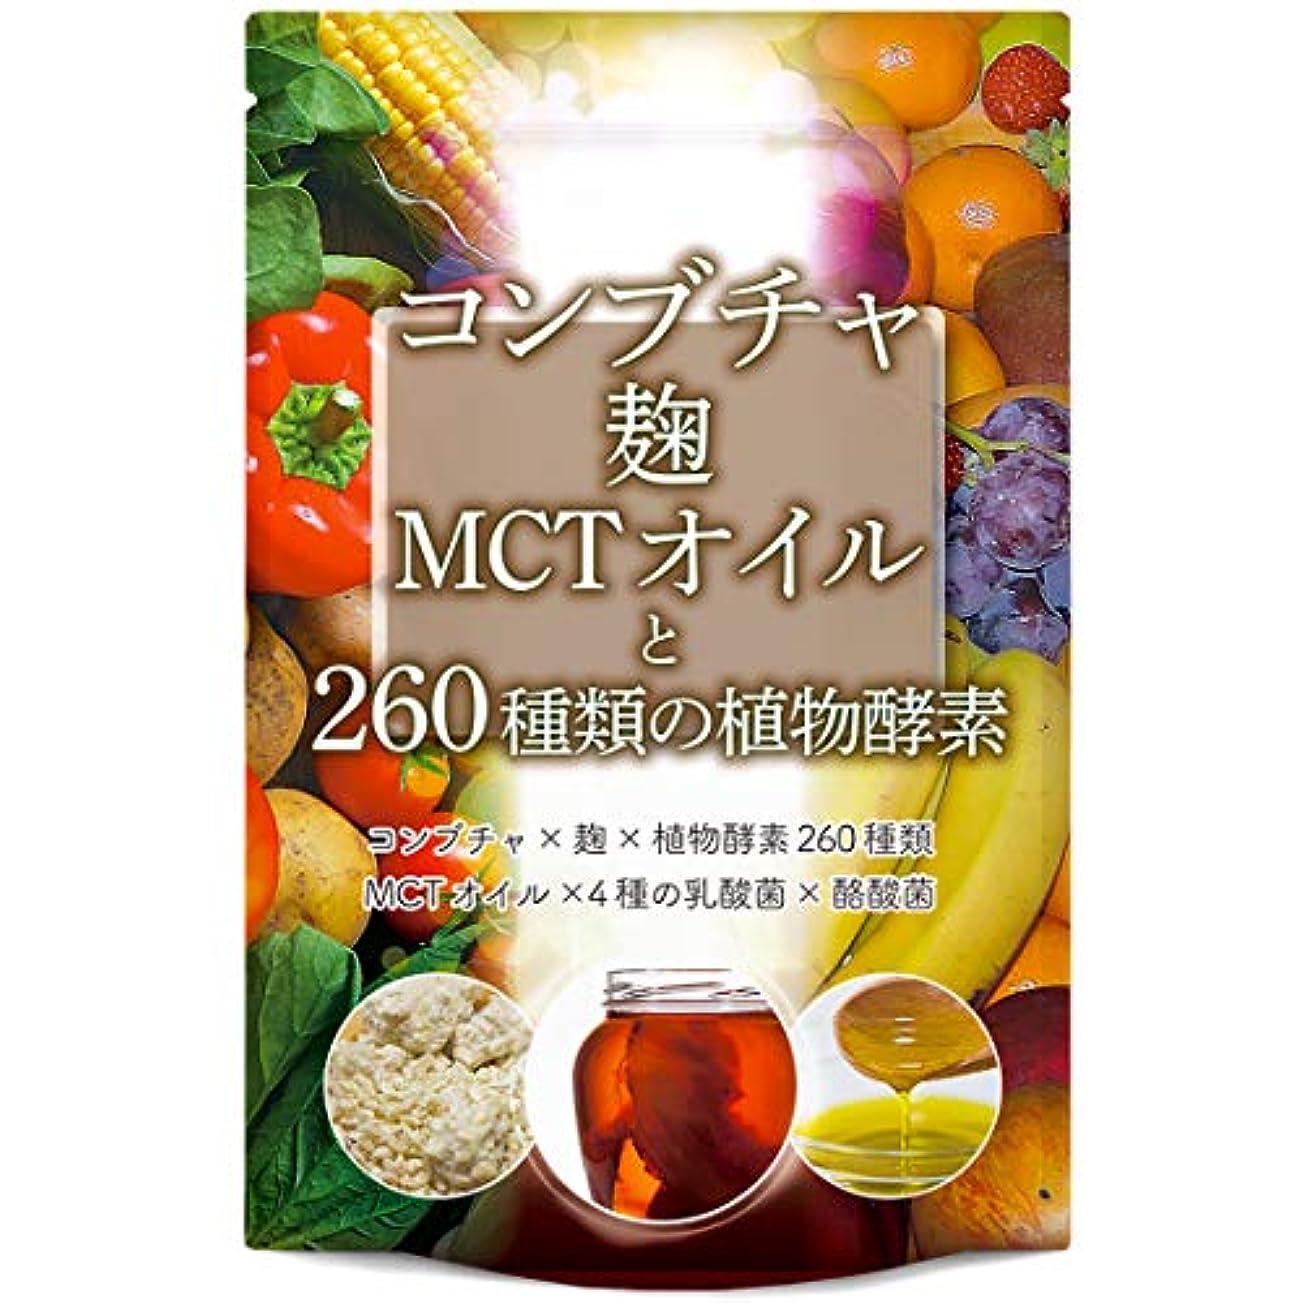 もしオークランド泣き叫ぶコンブチャ 麹 MCTオイル 260種類の植物酵素 ダイエット サプリメント 30粒 30日分